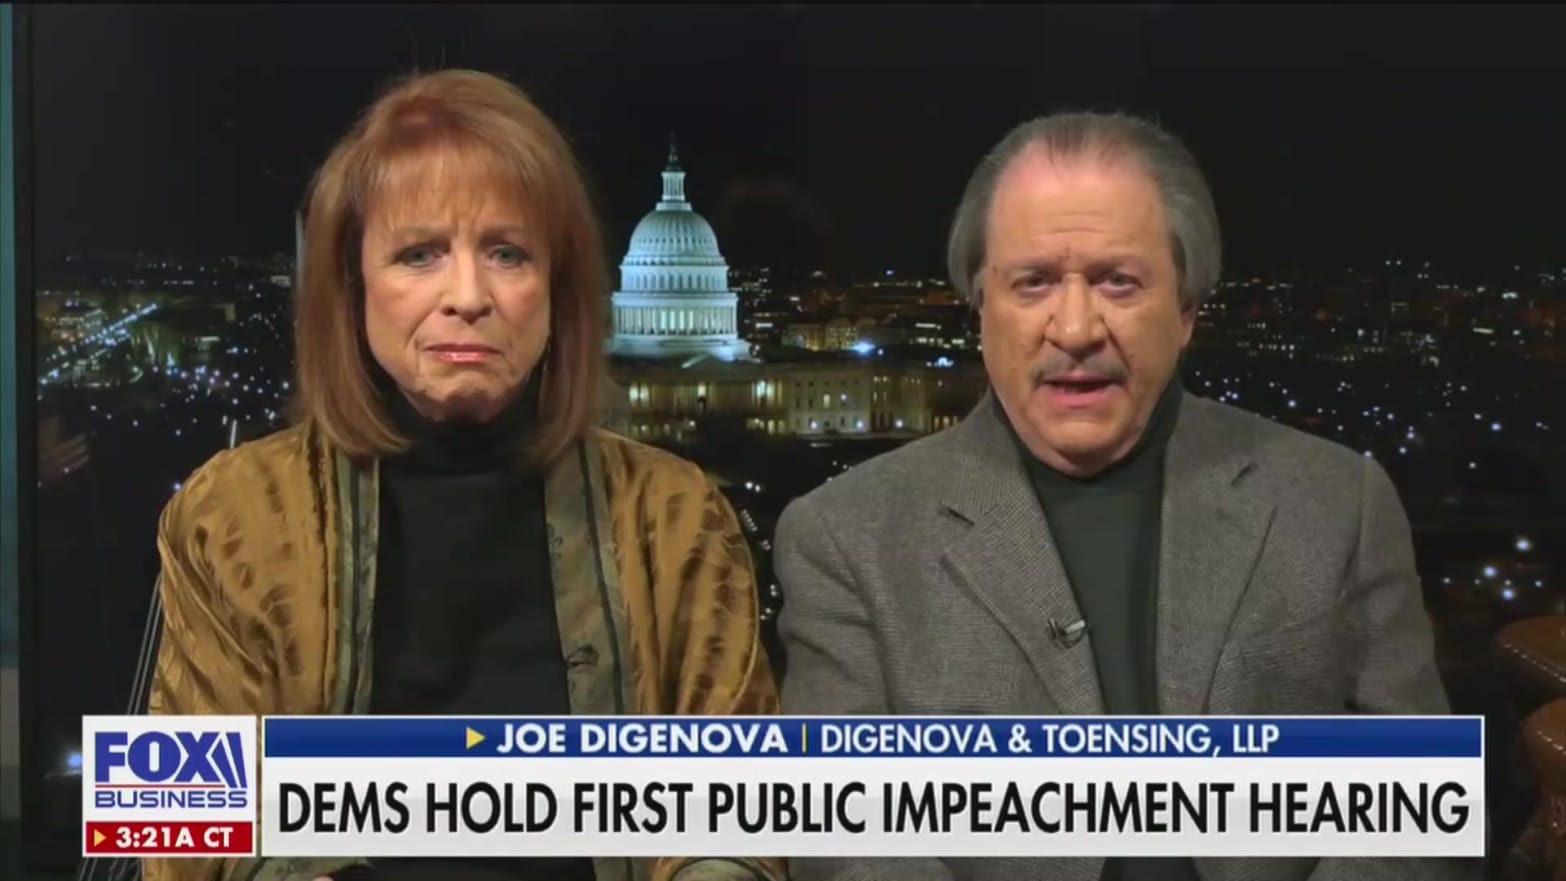 Luật sư Joe DiGenova và vợ ông, Victoria Toensing. (Ảnh chụp màn hình)